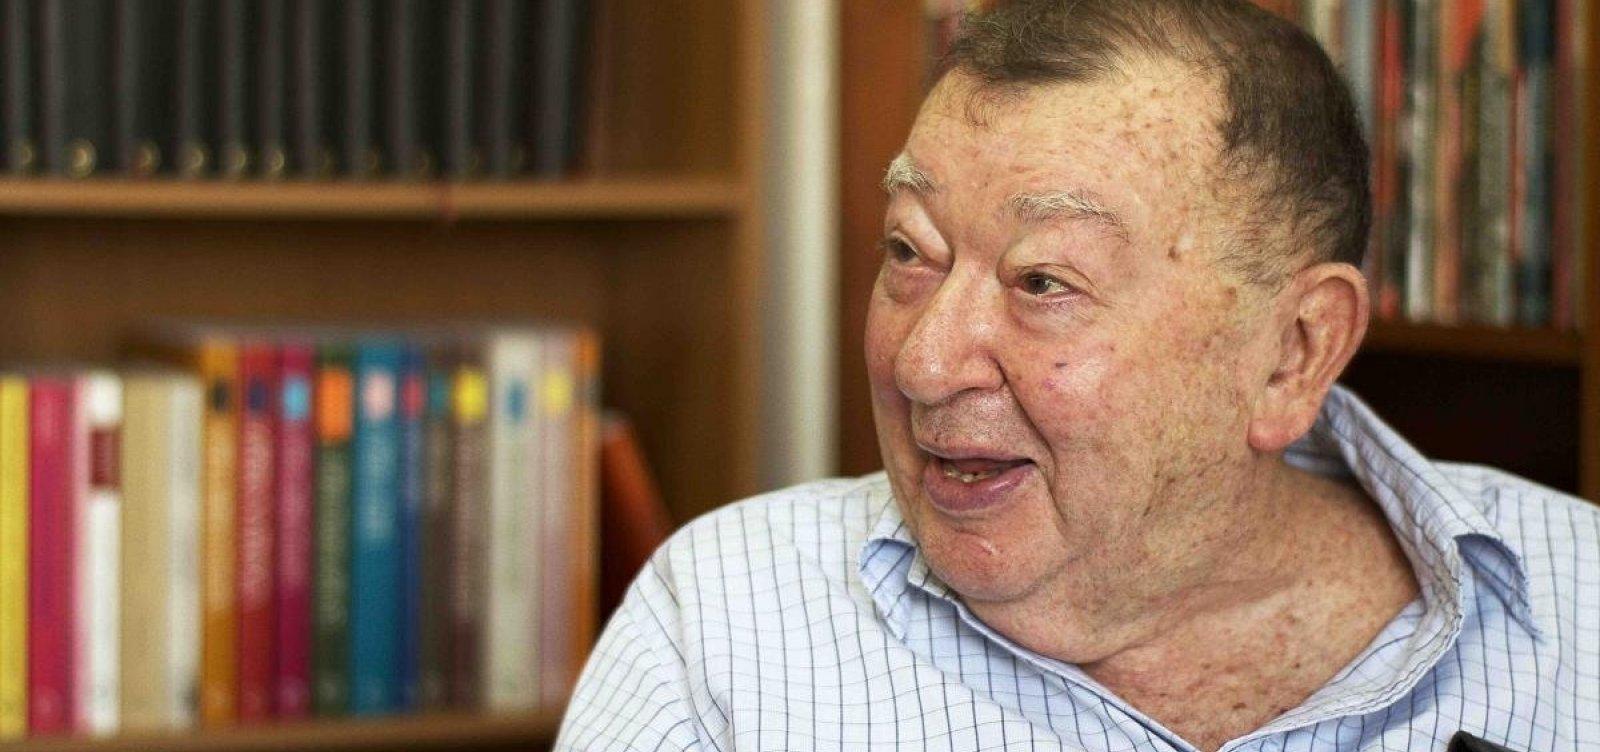 Morre aos 97 anos Jacó Guinsburg, fundador da editora Perspectiva